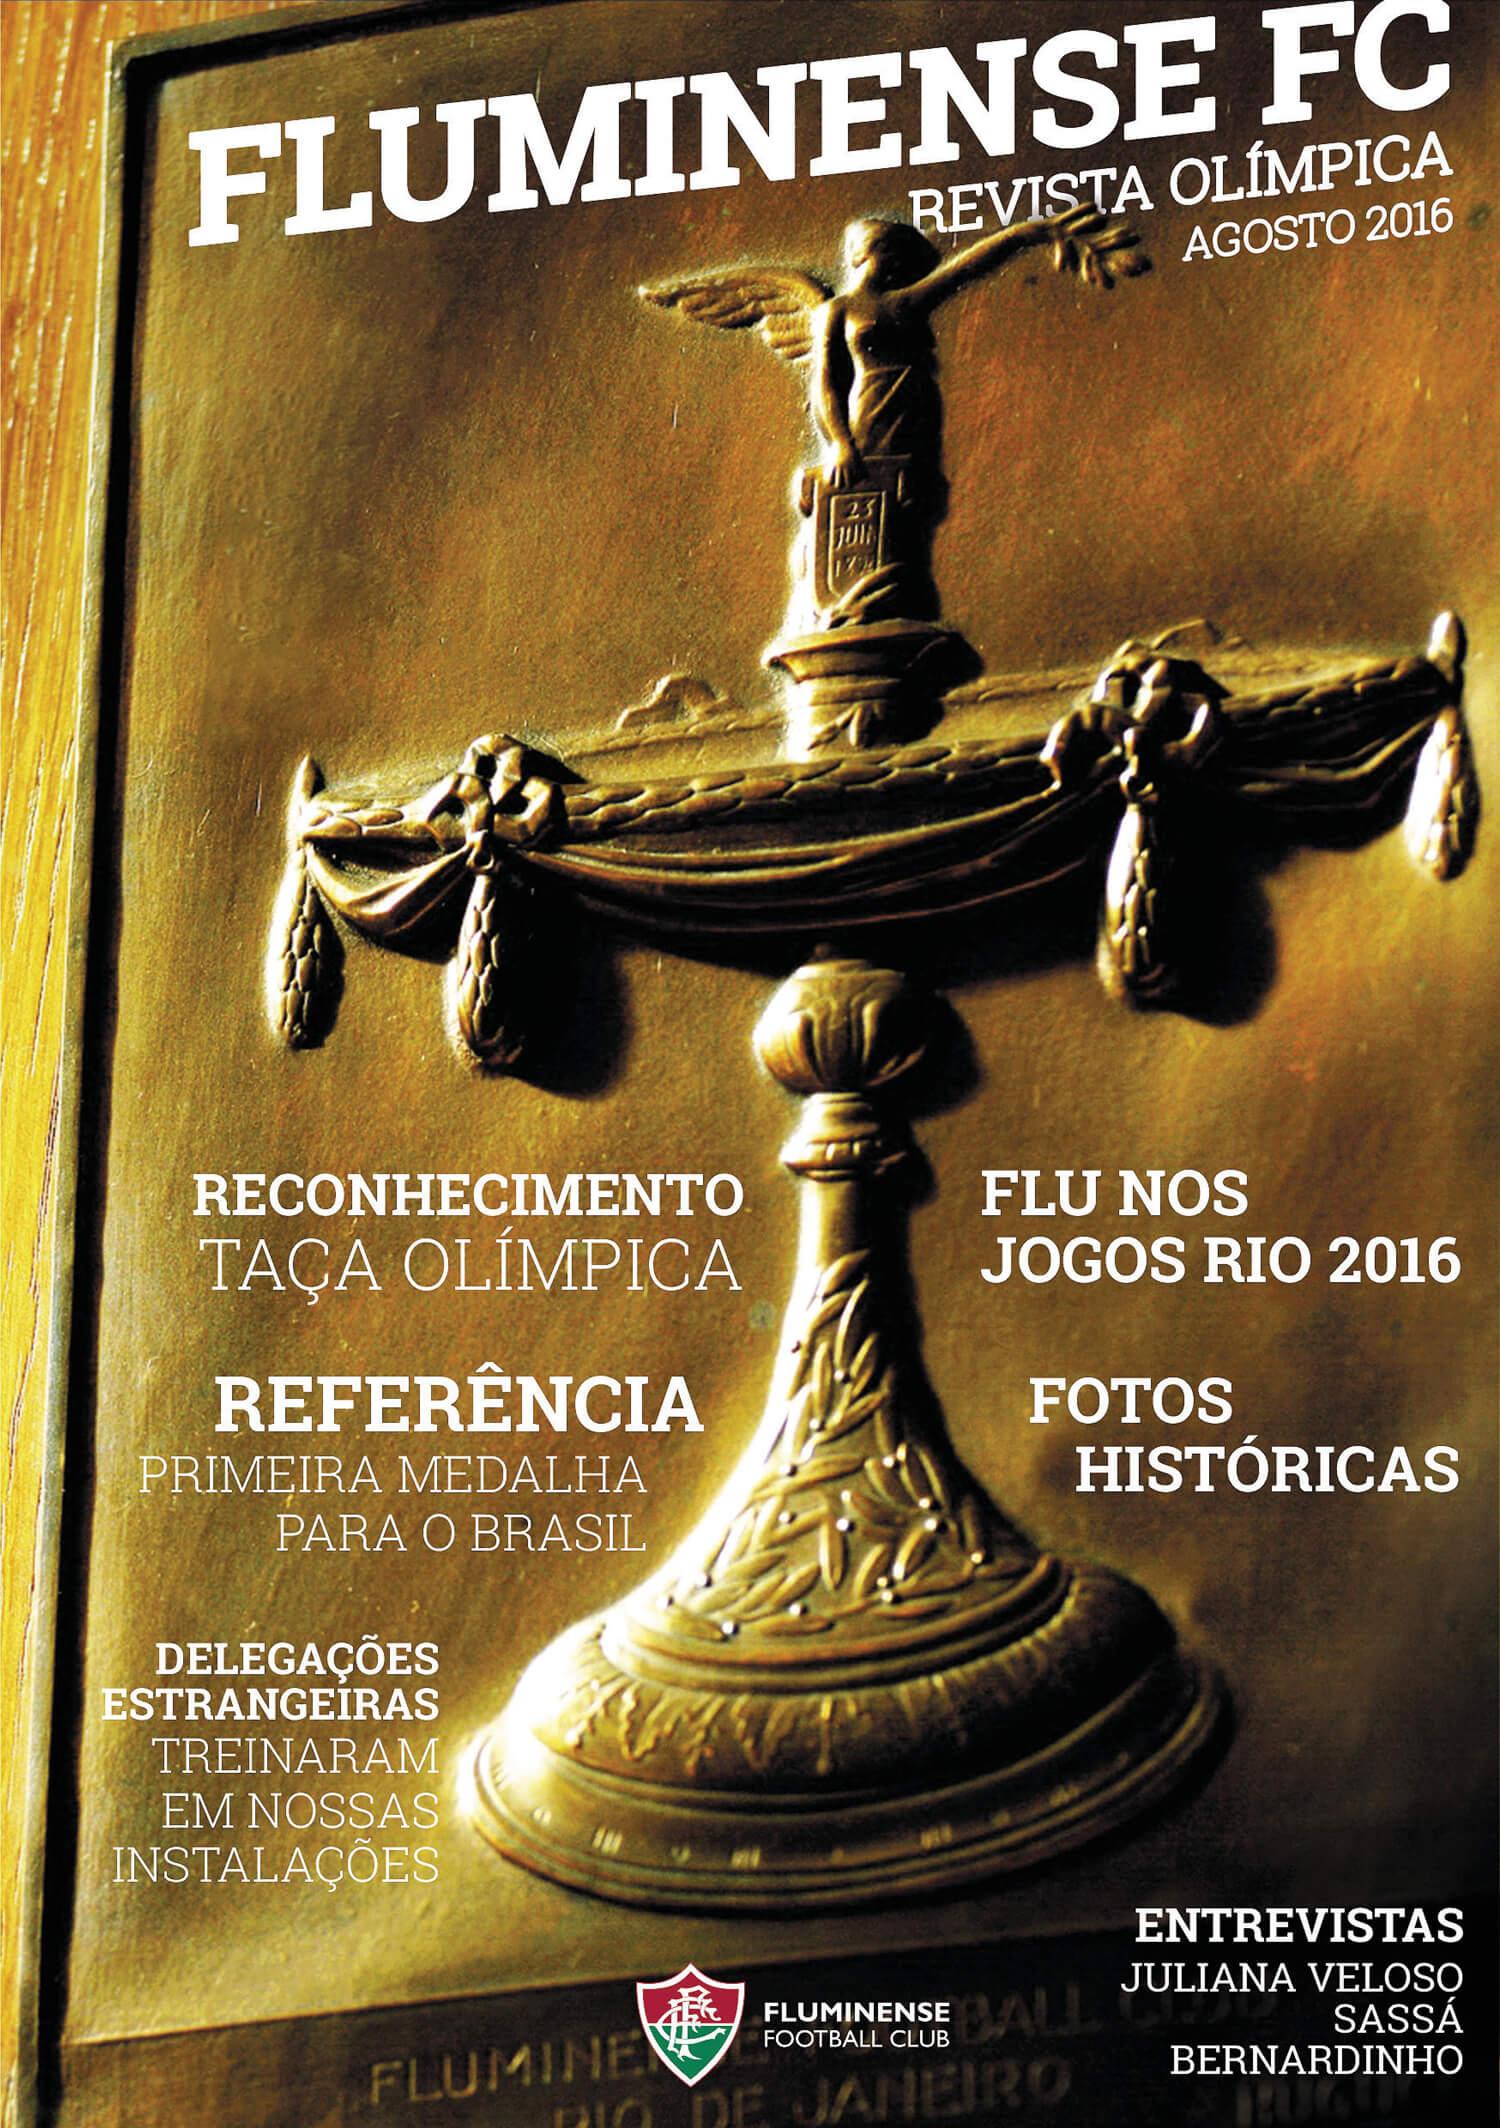 Revista Olimpica - Parte 4